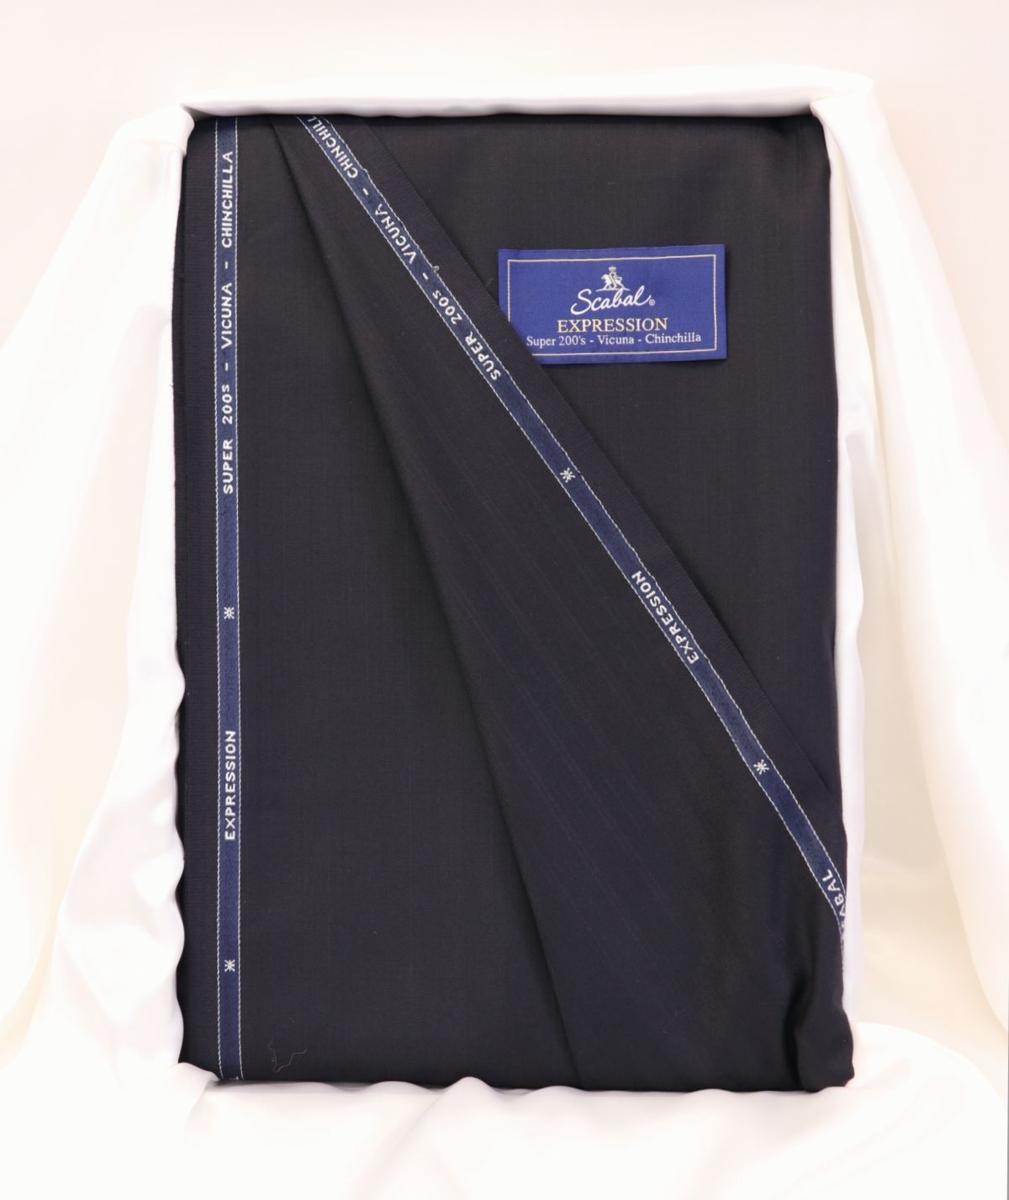 ■スキャバル幻の「エクスプレッション」濃紺織柄・服地価格200万円・未体験の心地良さです。_画像1